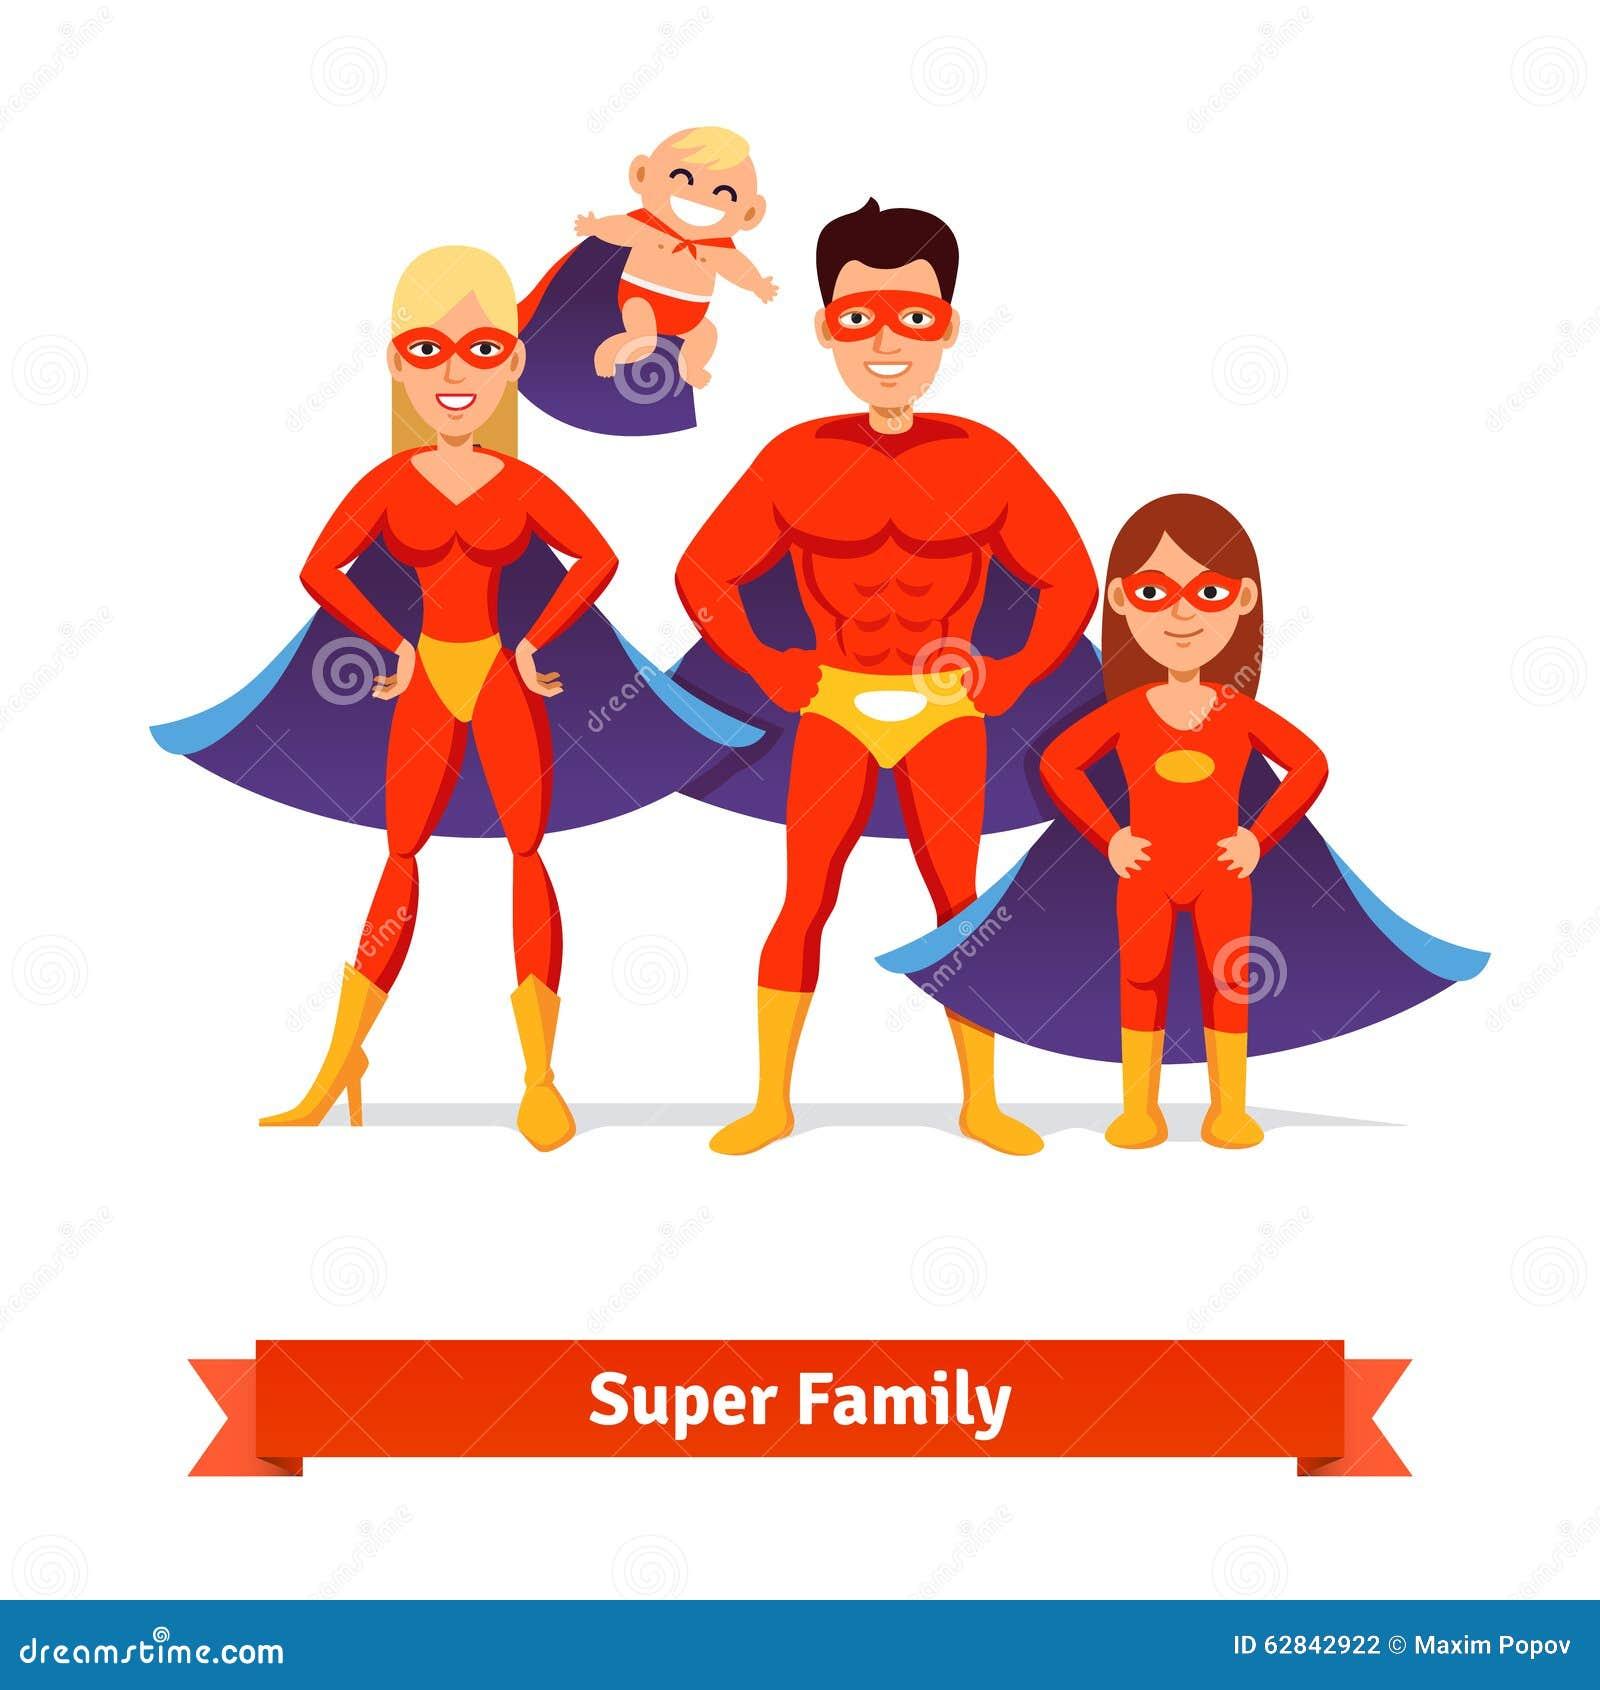 Superwoman Halloween Costumes